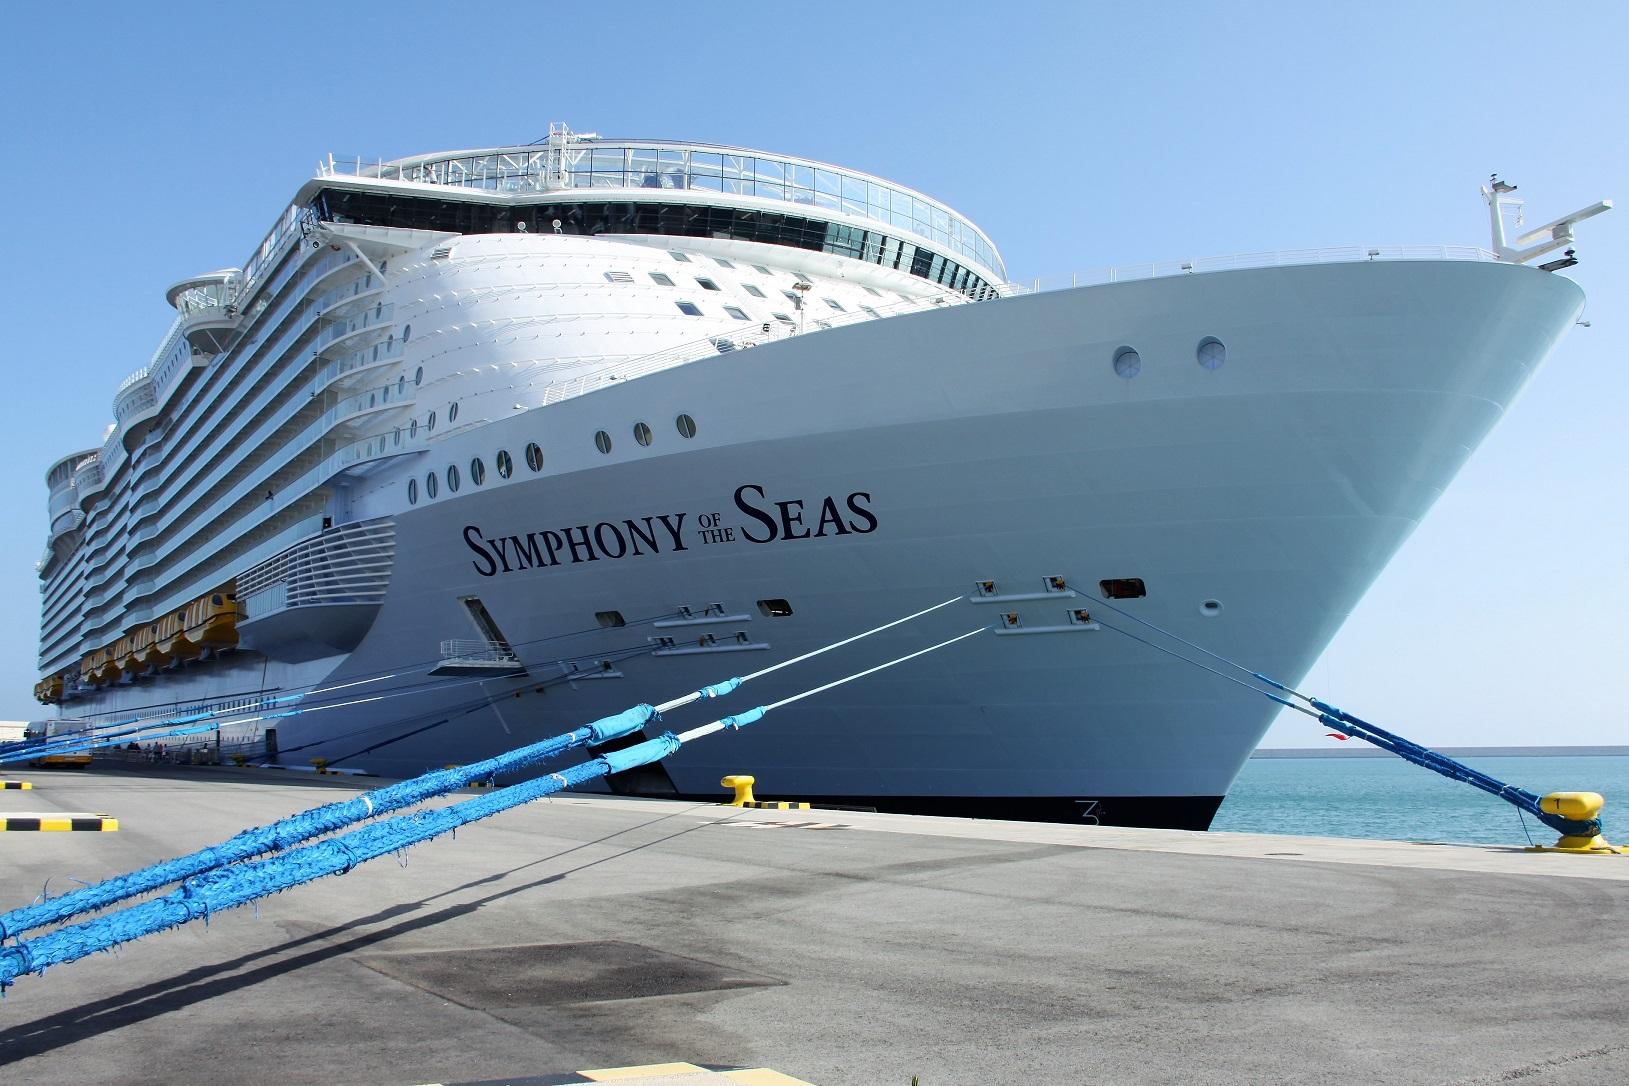 Busca en nuestro buscador de cruceros tus Mini cruceros con Salida desde Málaga y Valencia